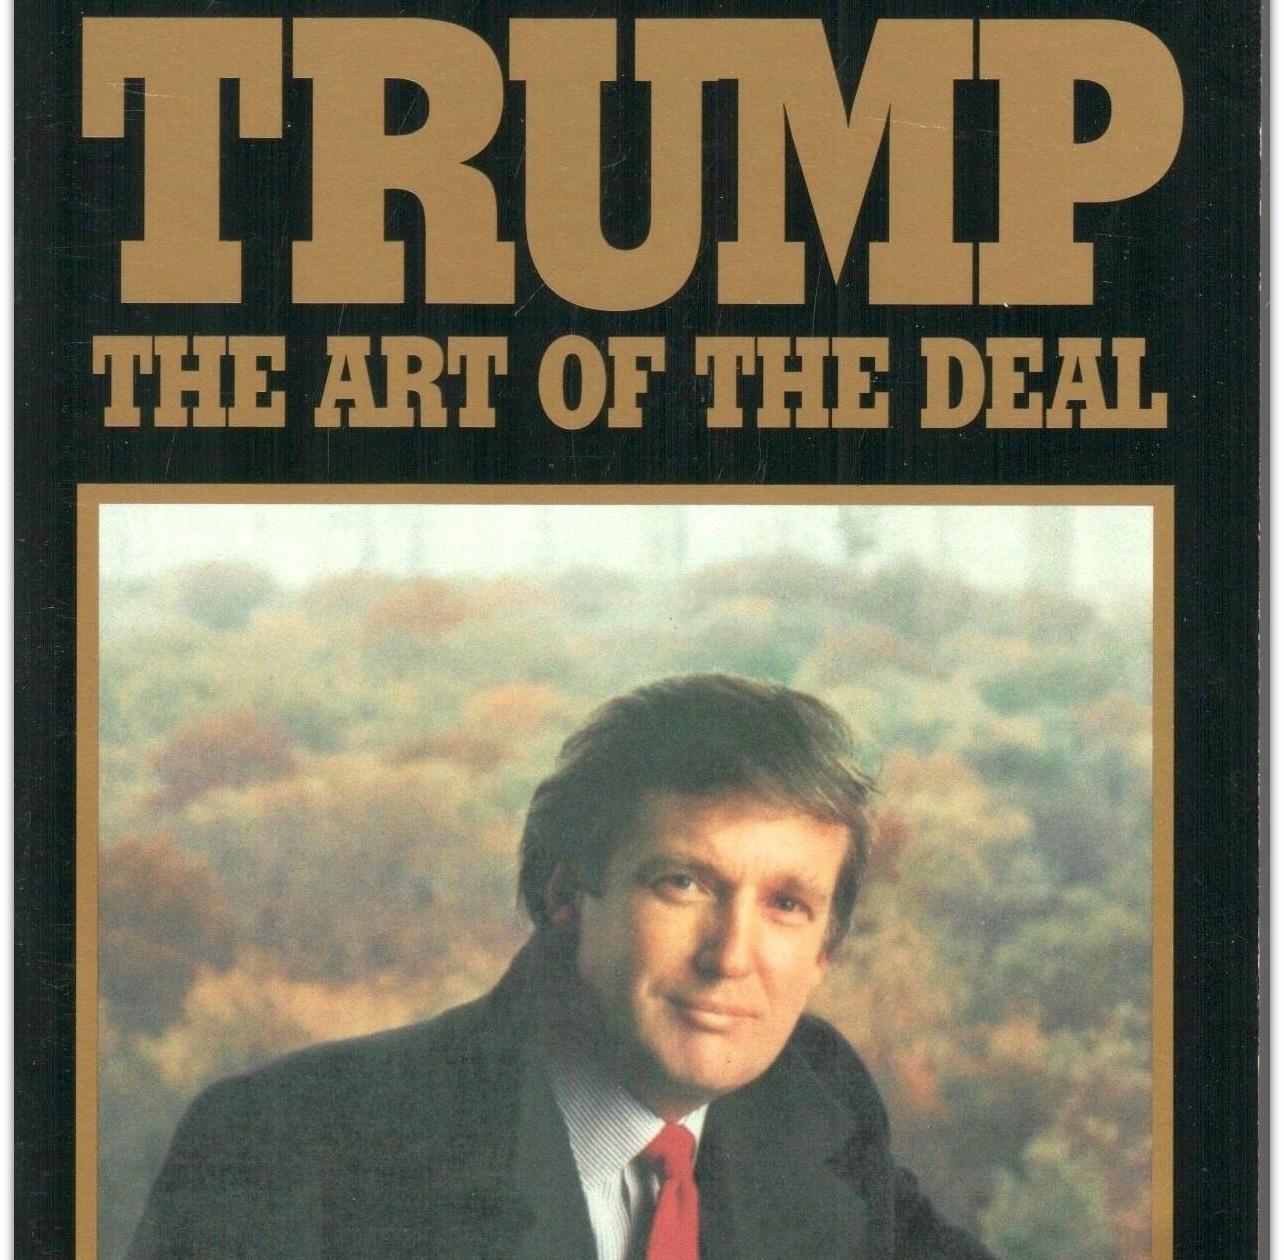 Ghost writer art of deal motivationsschreiben muster daad